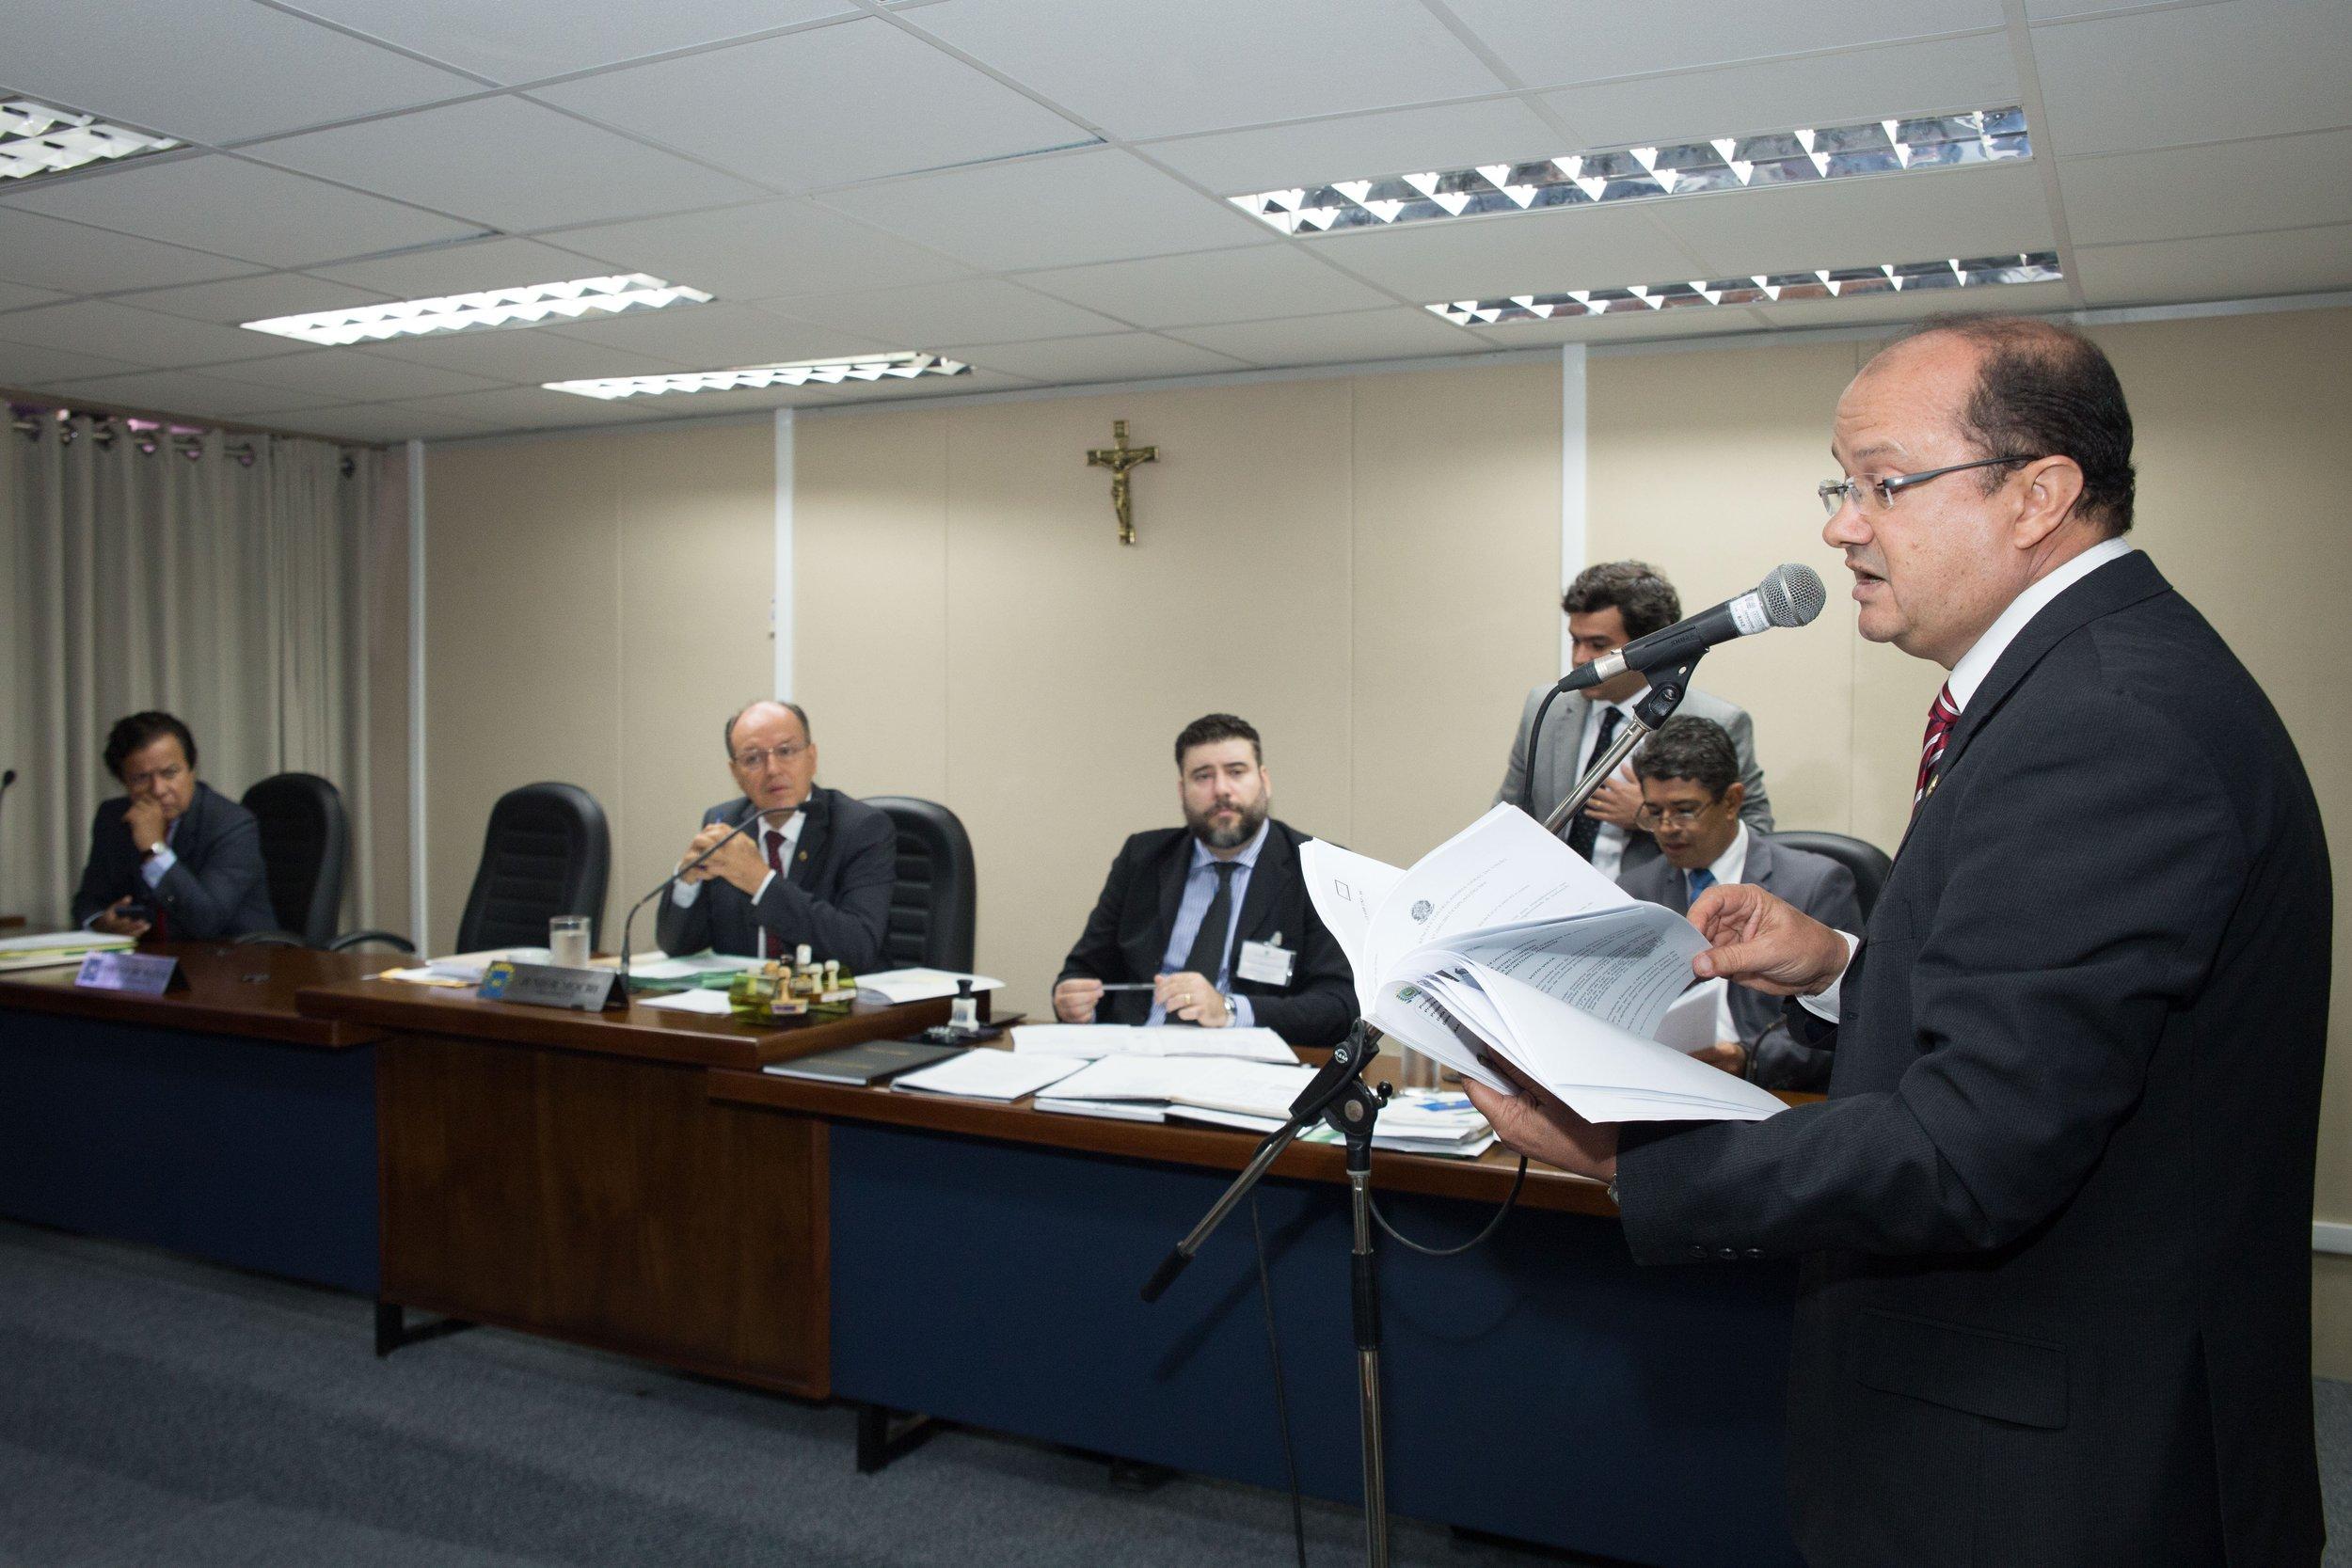 Deputado José Carlos Barbosinha quer atualização sobre as modalidades de licitação. Foto: João Garrigó